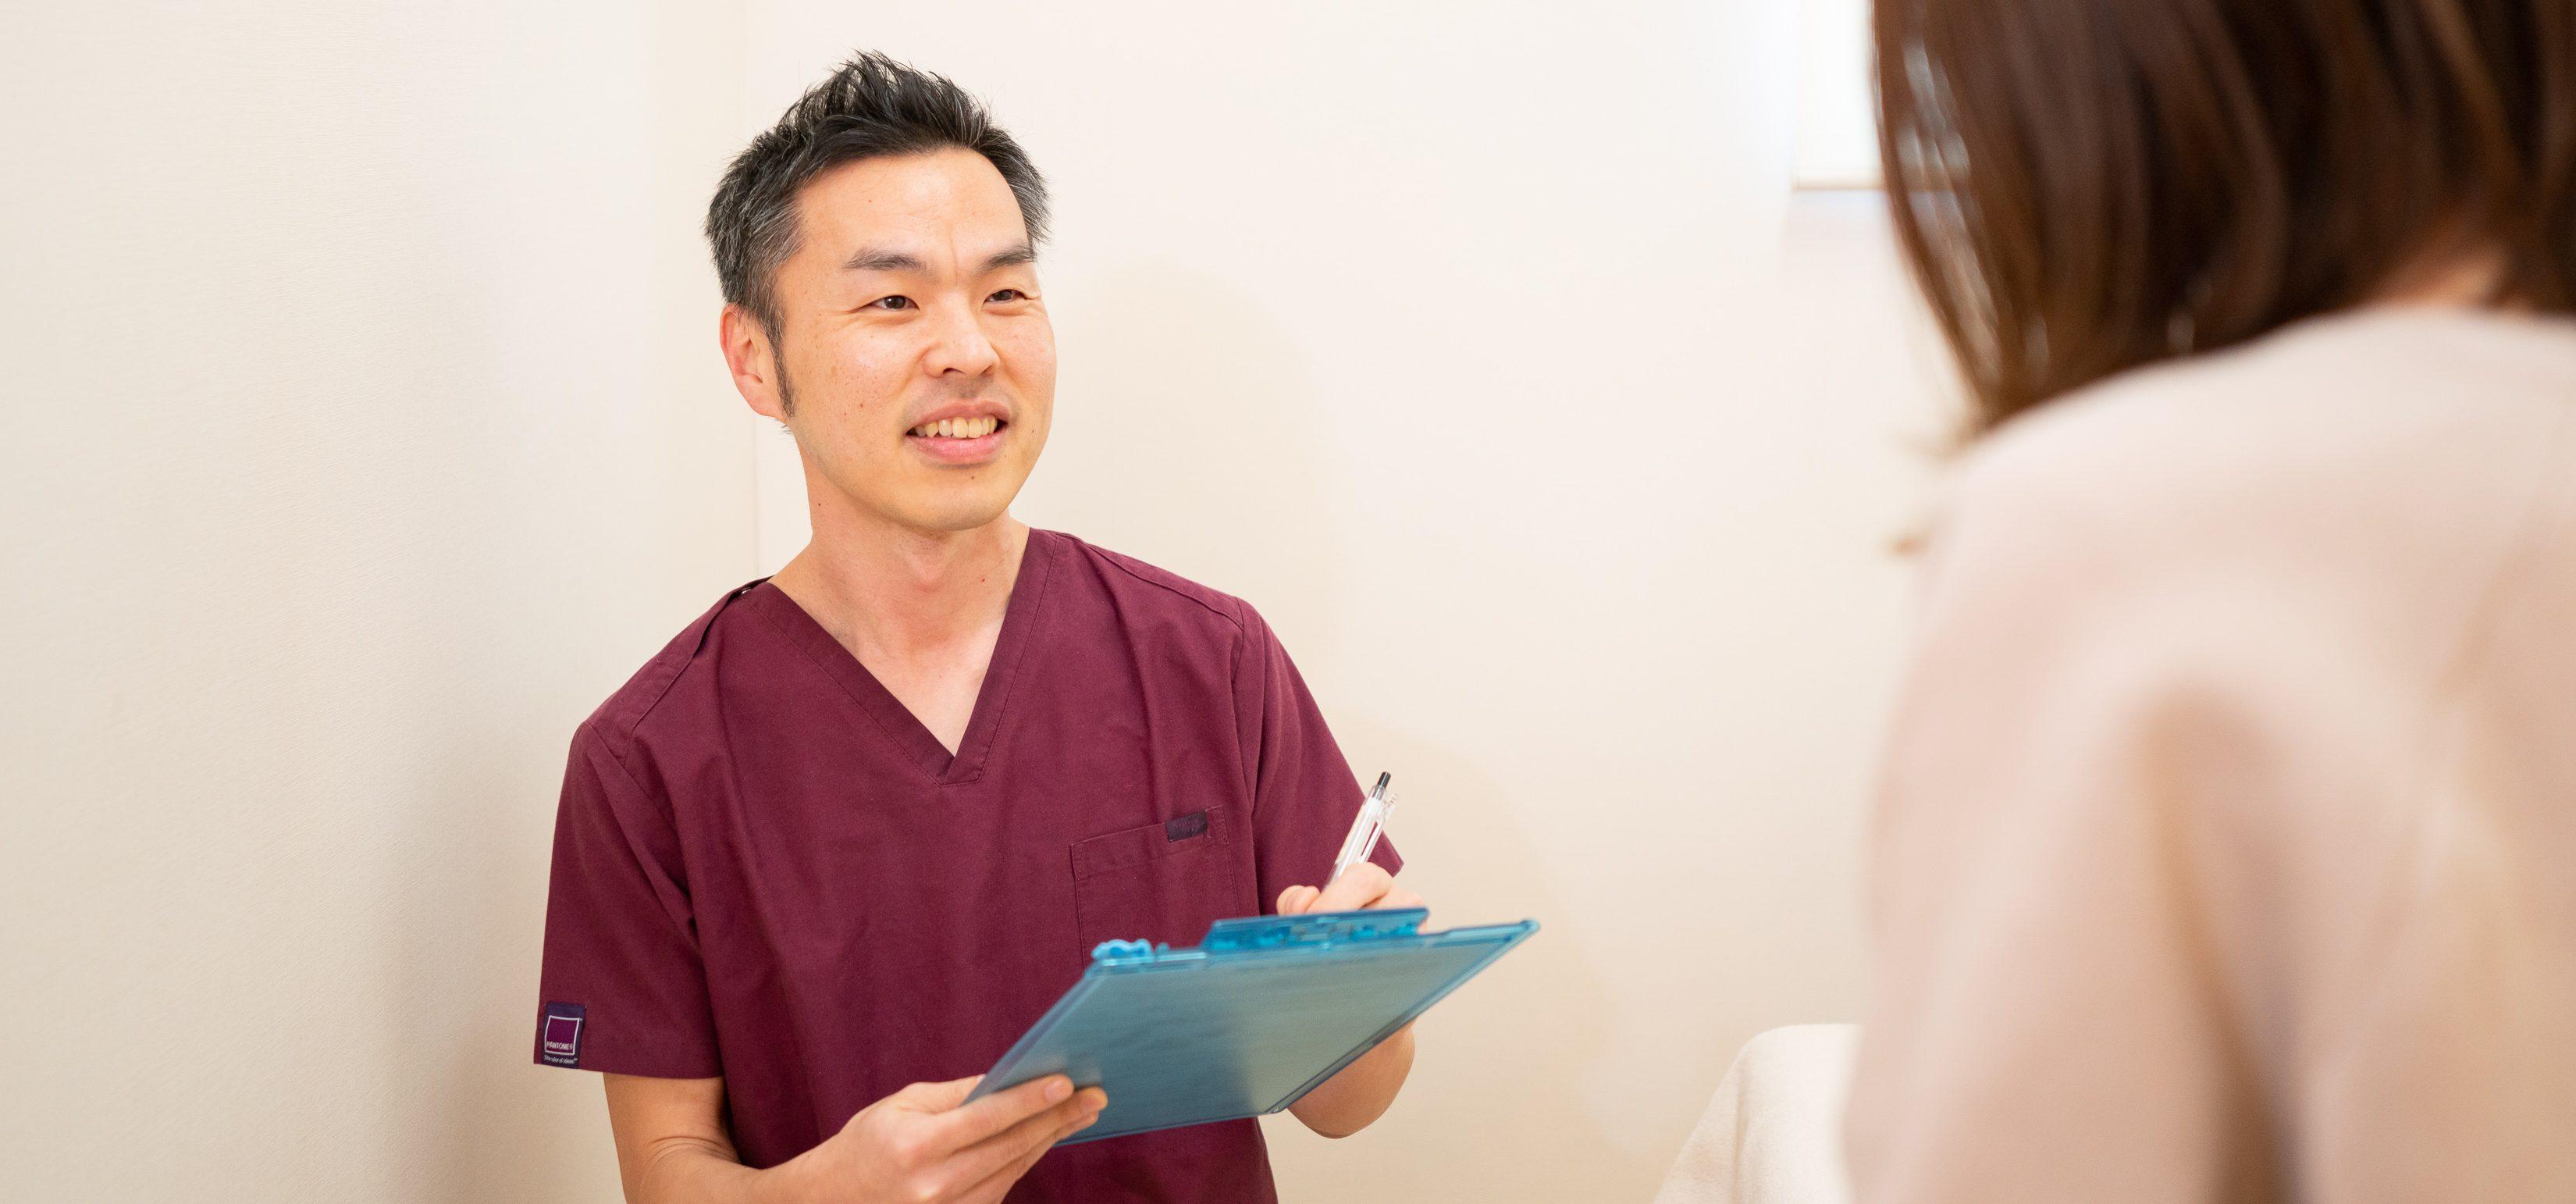 仙台市若林区で鍼灸施術なら、おきの鍼灸整骨院へ